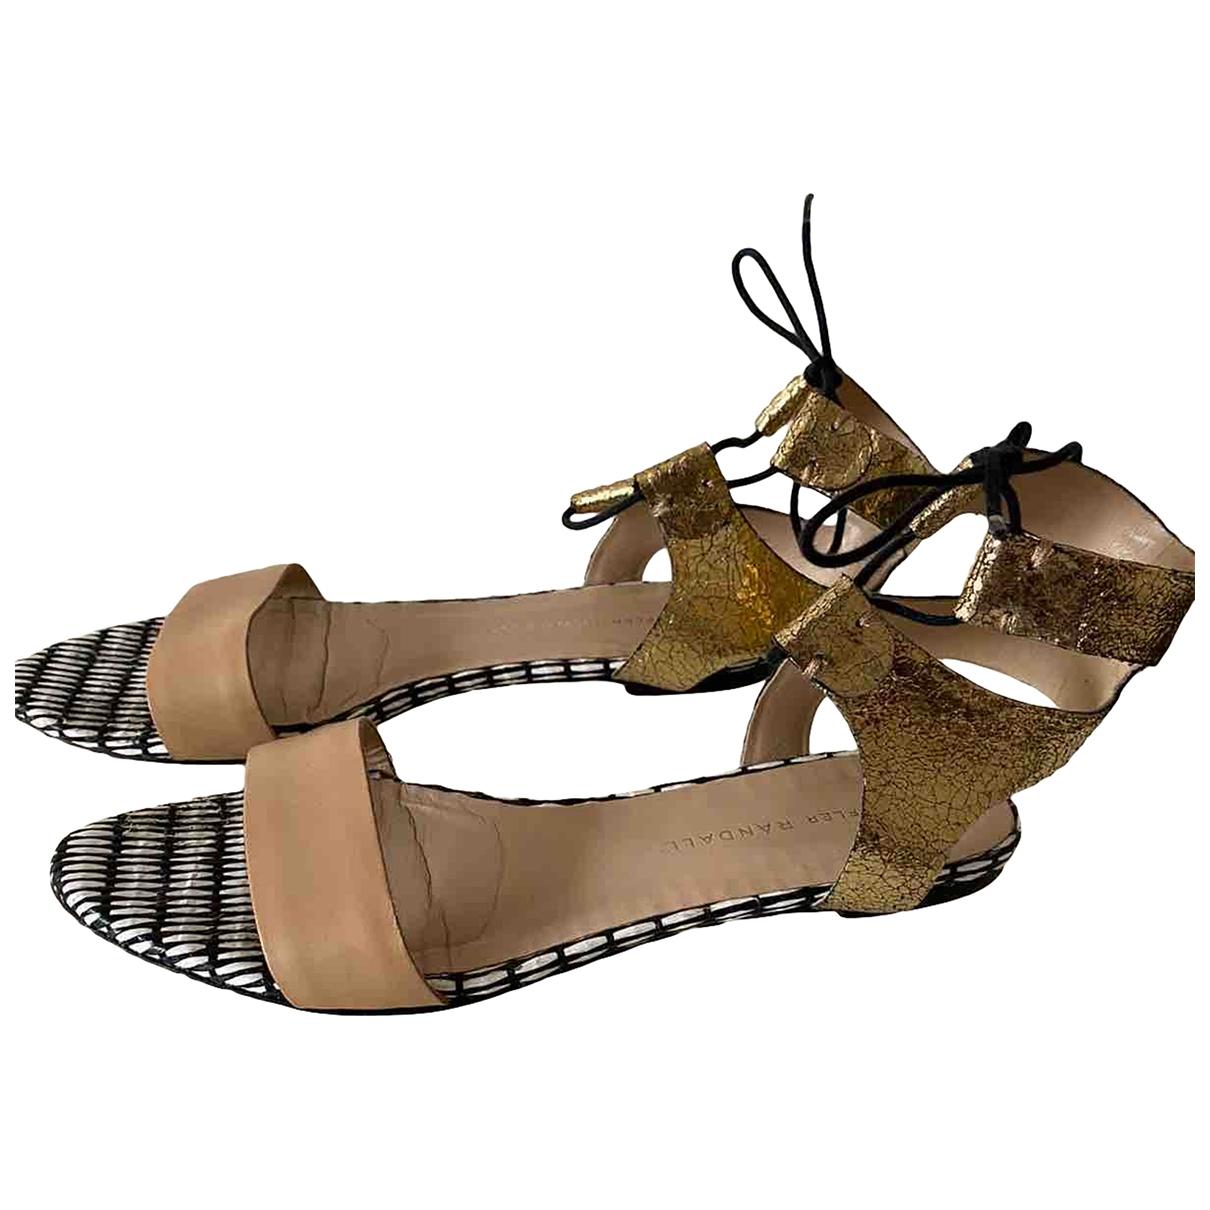 Sandalias romanas de Cuero Loeffler Randall